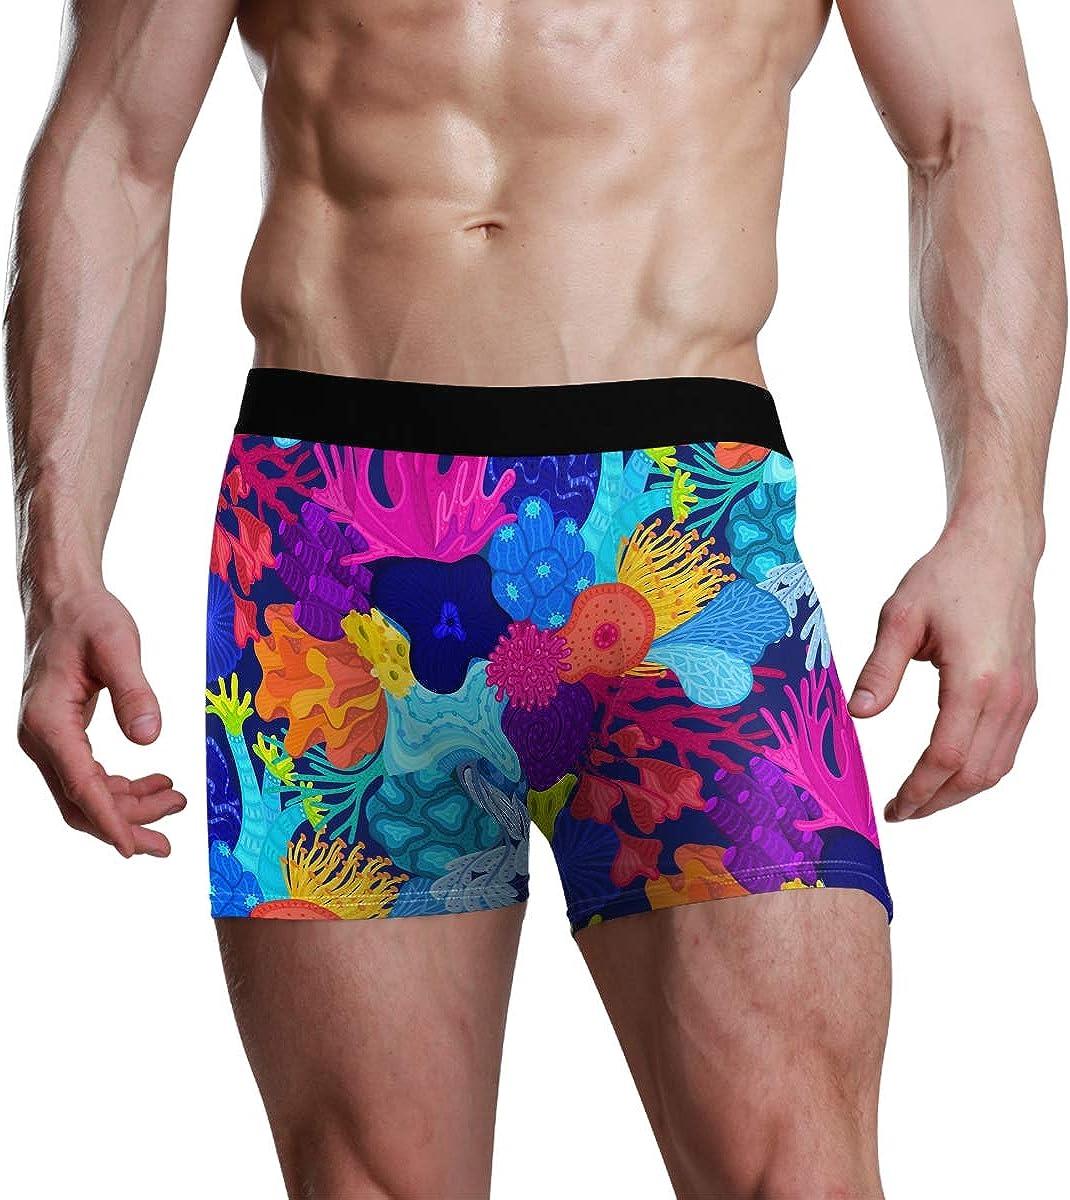 HangWang Mens Underwear Briefs Cartoon Cute Corals Fantastic Breathable Long Boxer Briefs Underwear Boys